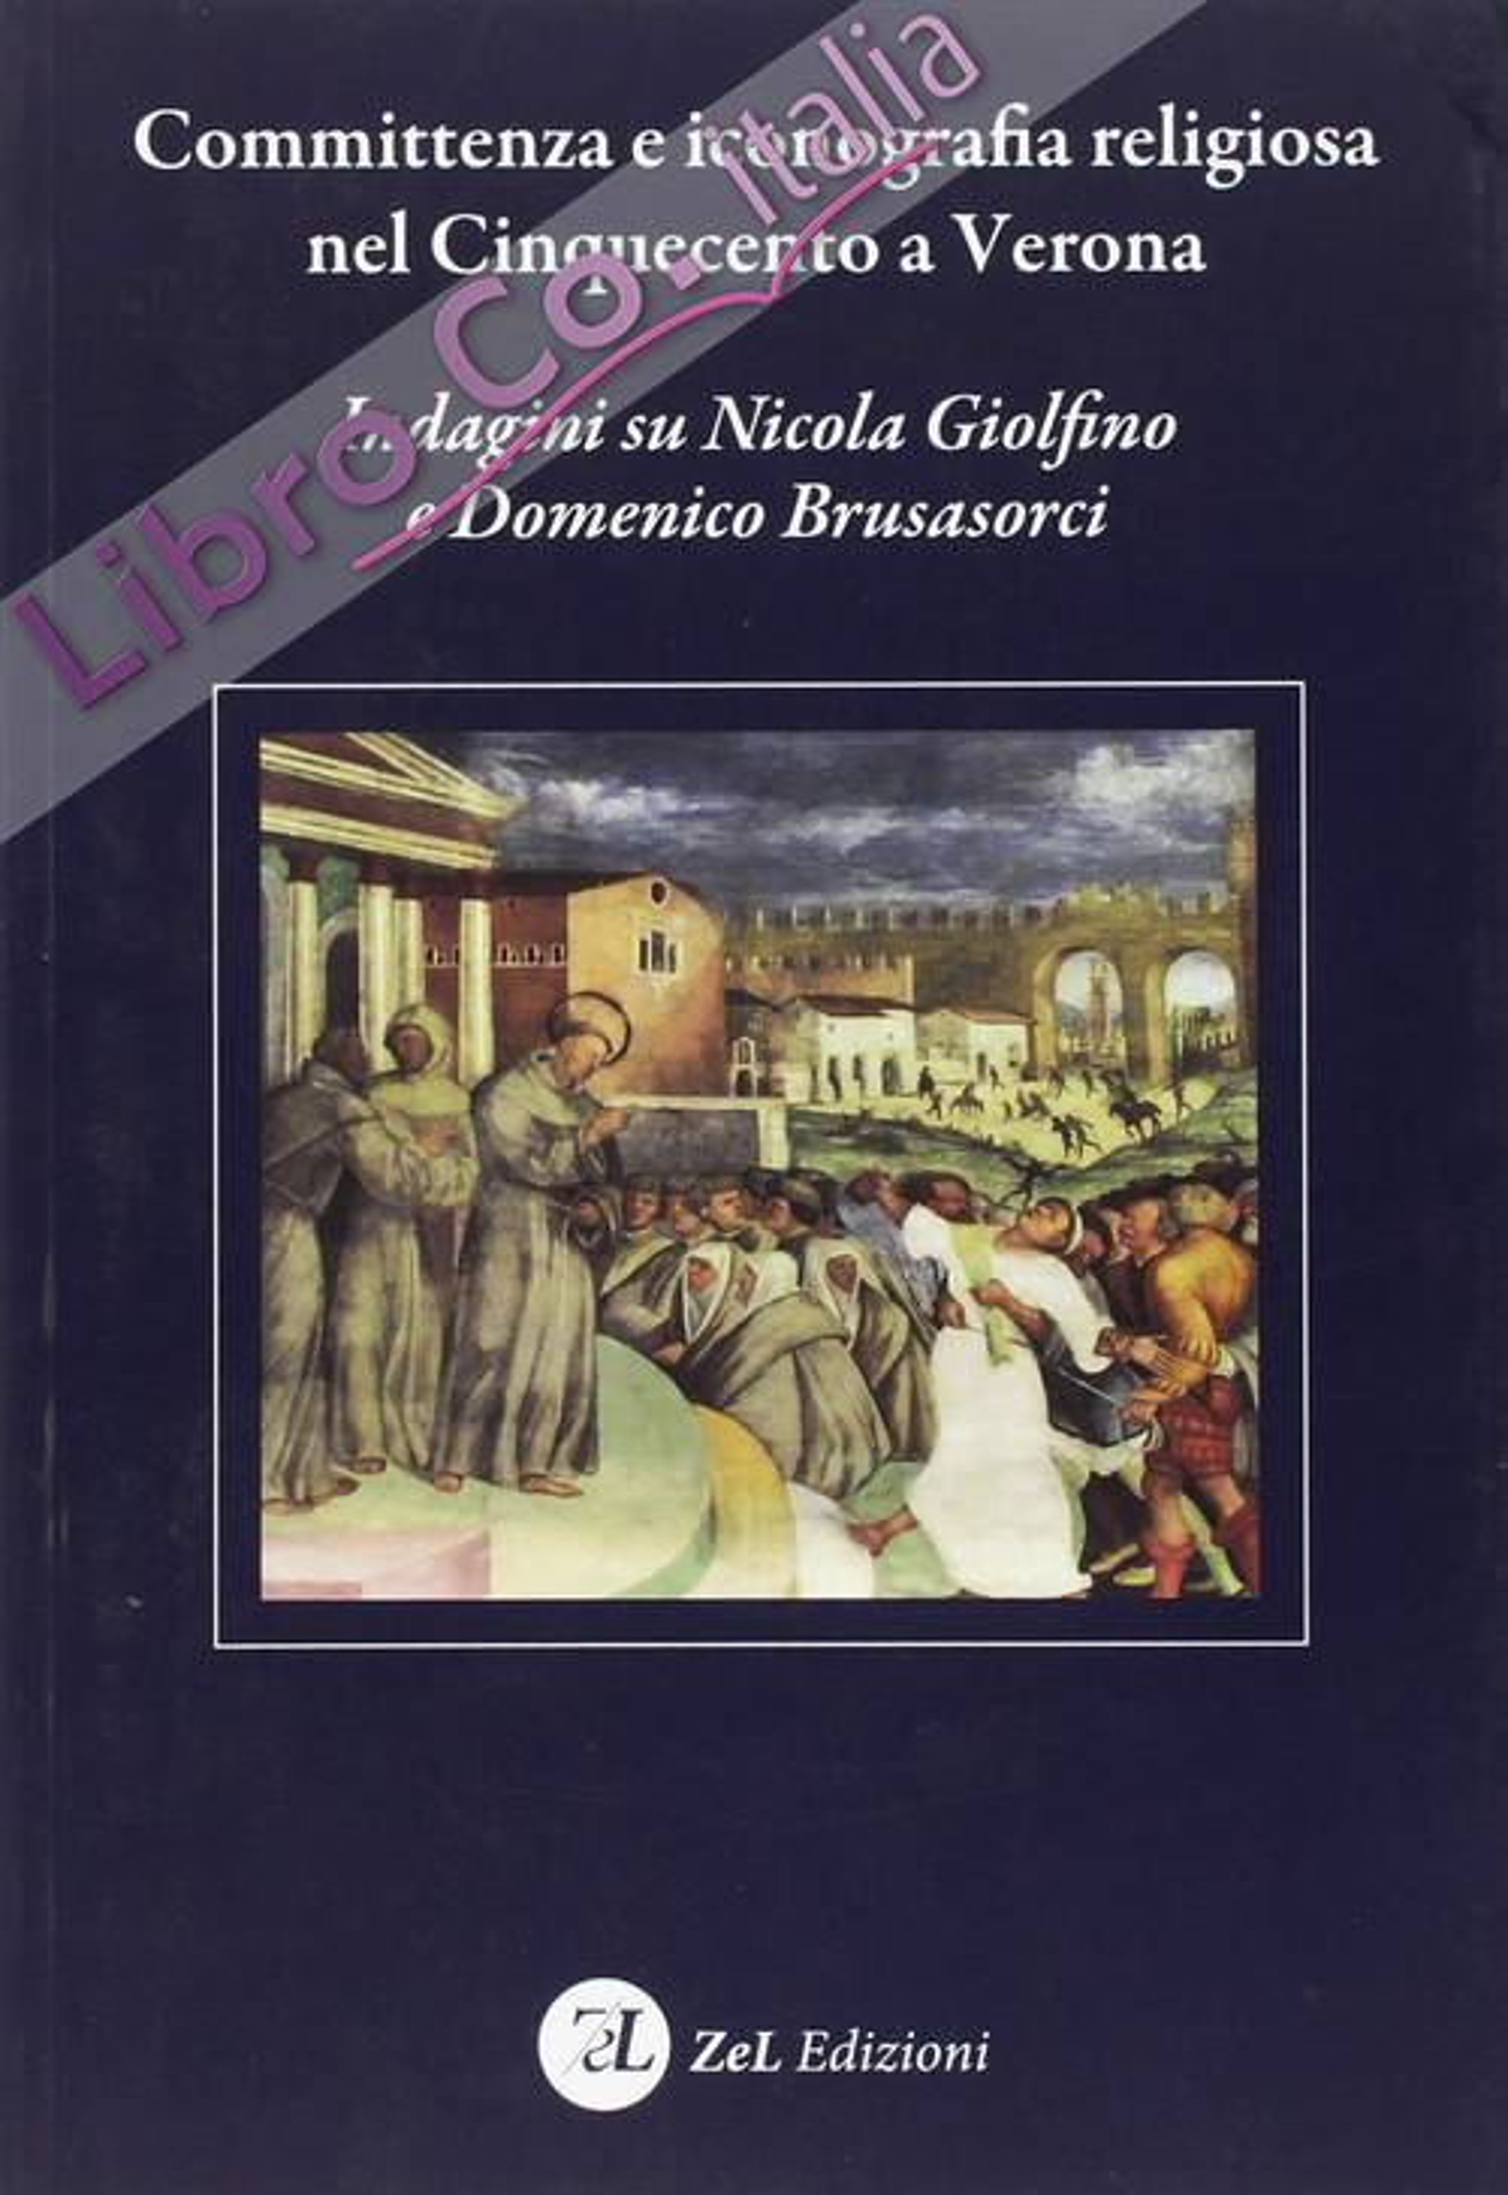 Committenza e Iconografia Religiosa nel Cinquecento a Verona. Indagini Su Nicola Giolfino e Domenico Brusasorci